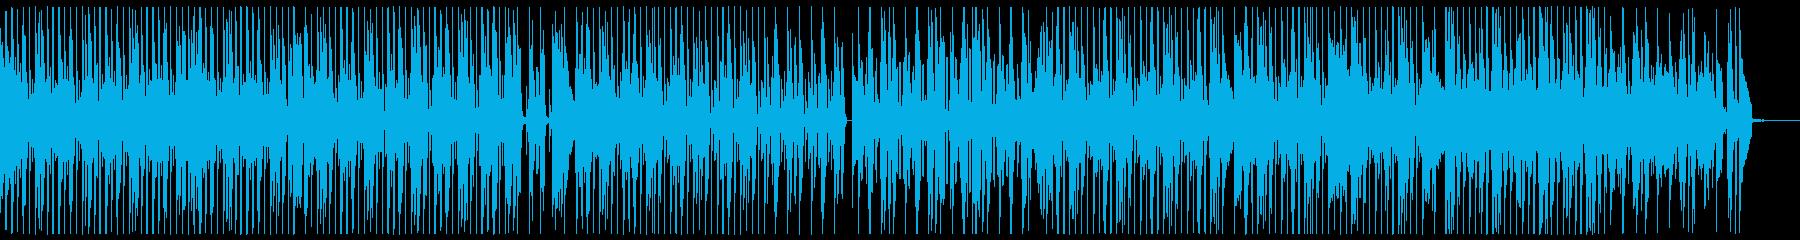 タイムリミット_時間制限_締め切りの再生済みの波形